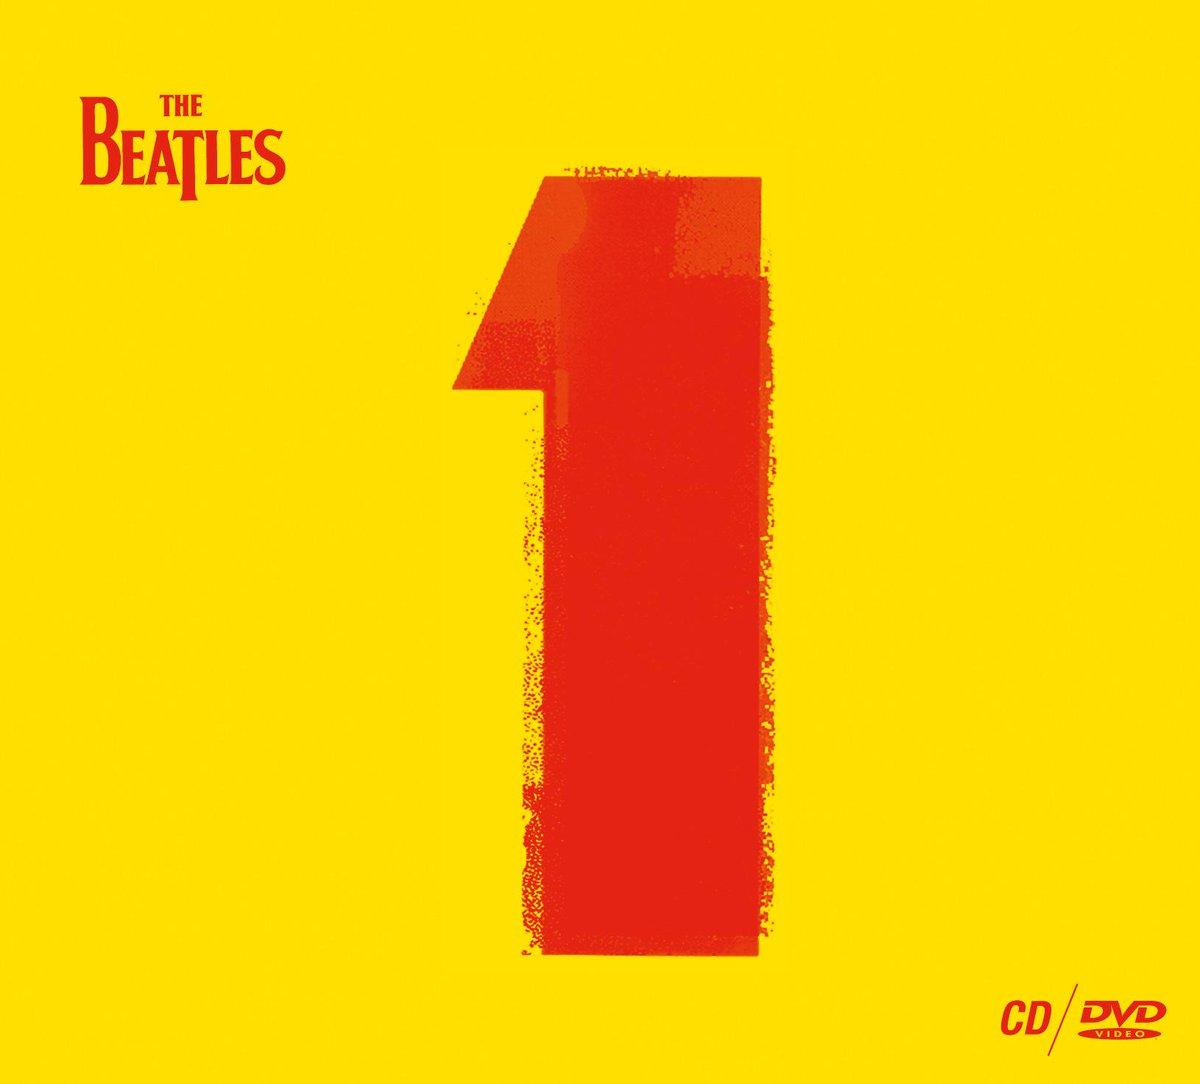 こんなビートルズ、見たことない!ベスト盤『ザ・ビートルズ1』最高の音と映像(初MV集)で11/6登場!RTで1名に #ビートルズ1 Tシャツ当ります〆9/21 http://t.co/JQh9WnLshk #THEBEATLES1 http://t.co/s7Rvjyo5ZM